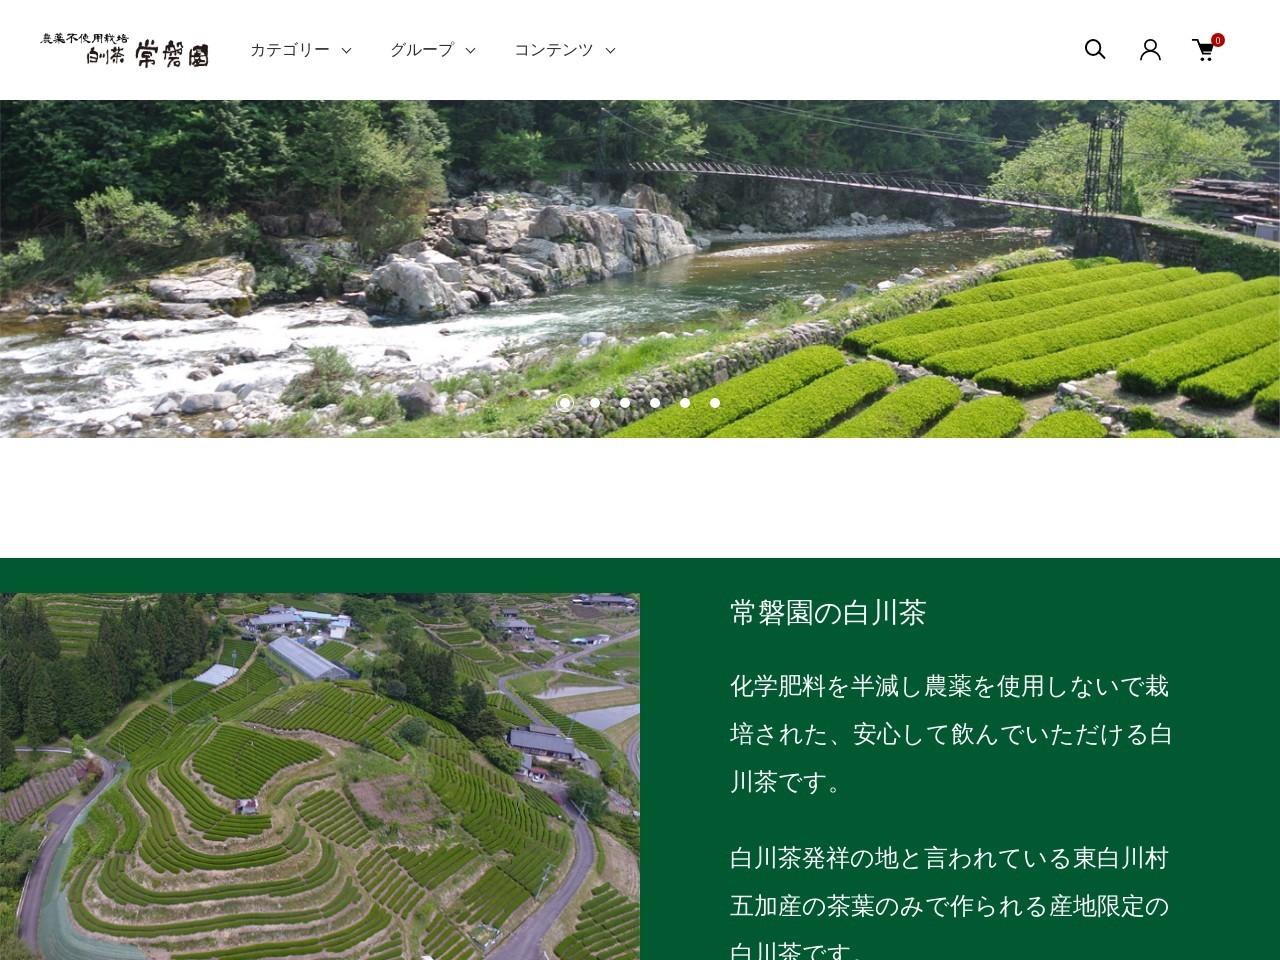 白川茶 常磐園ネットショップ|農薬不使用栽培 美濃白川茶を産地直送でお届け